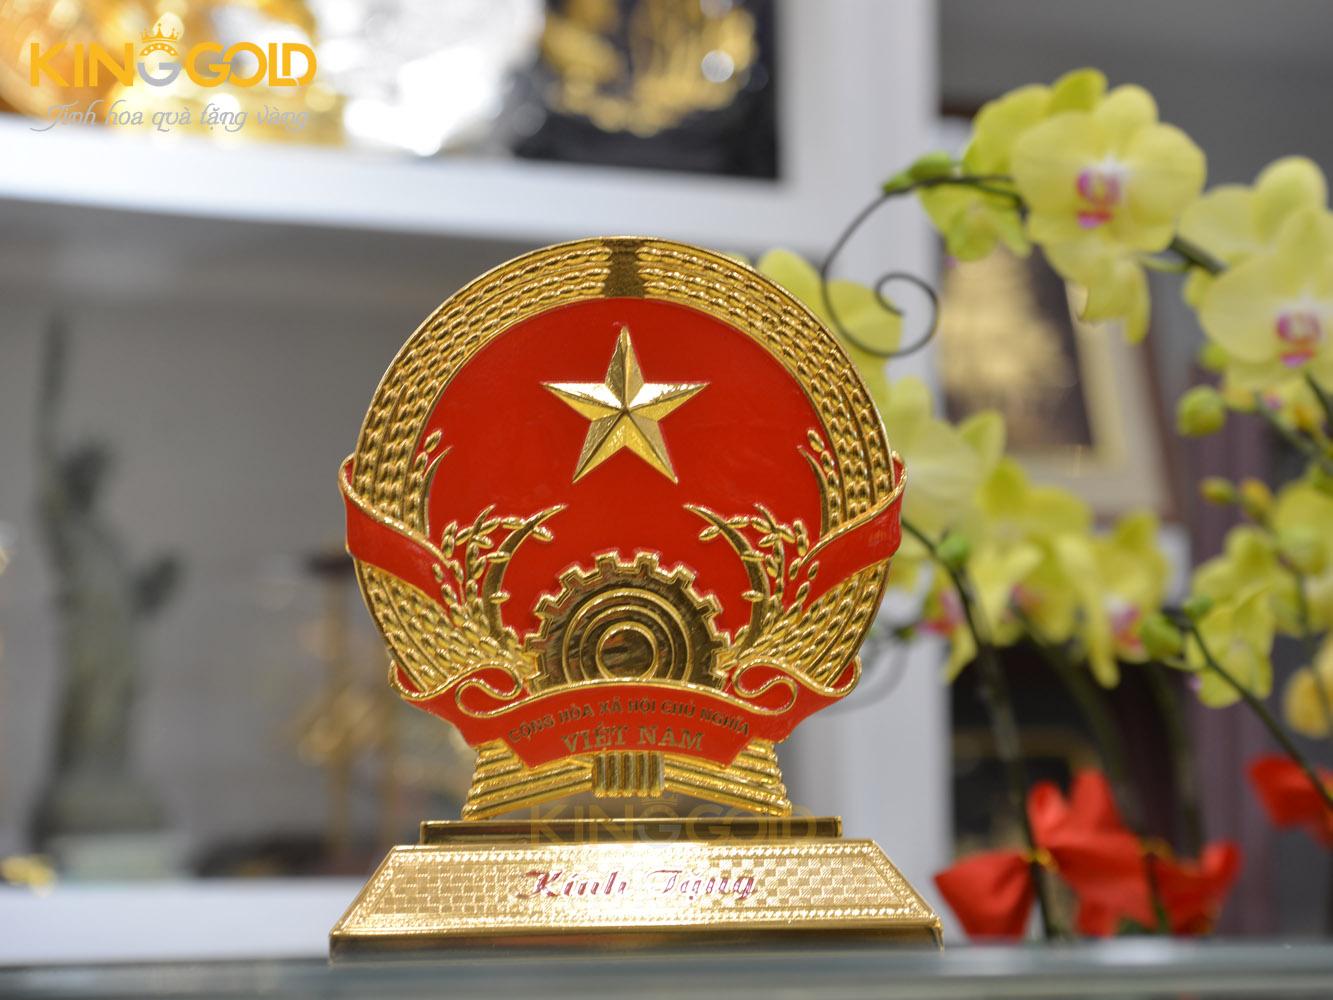 Quốc huy Việt Nam bằng đồng mạ vàng cỡ nhỏ làm quà tặng0